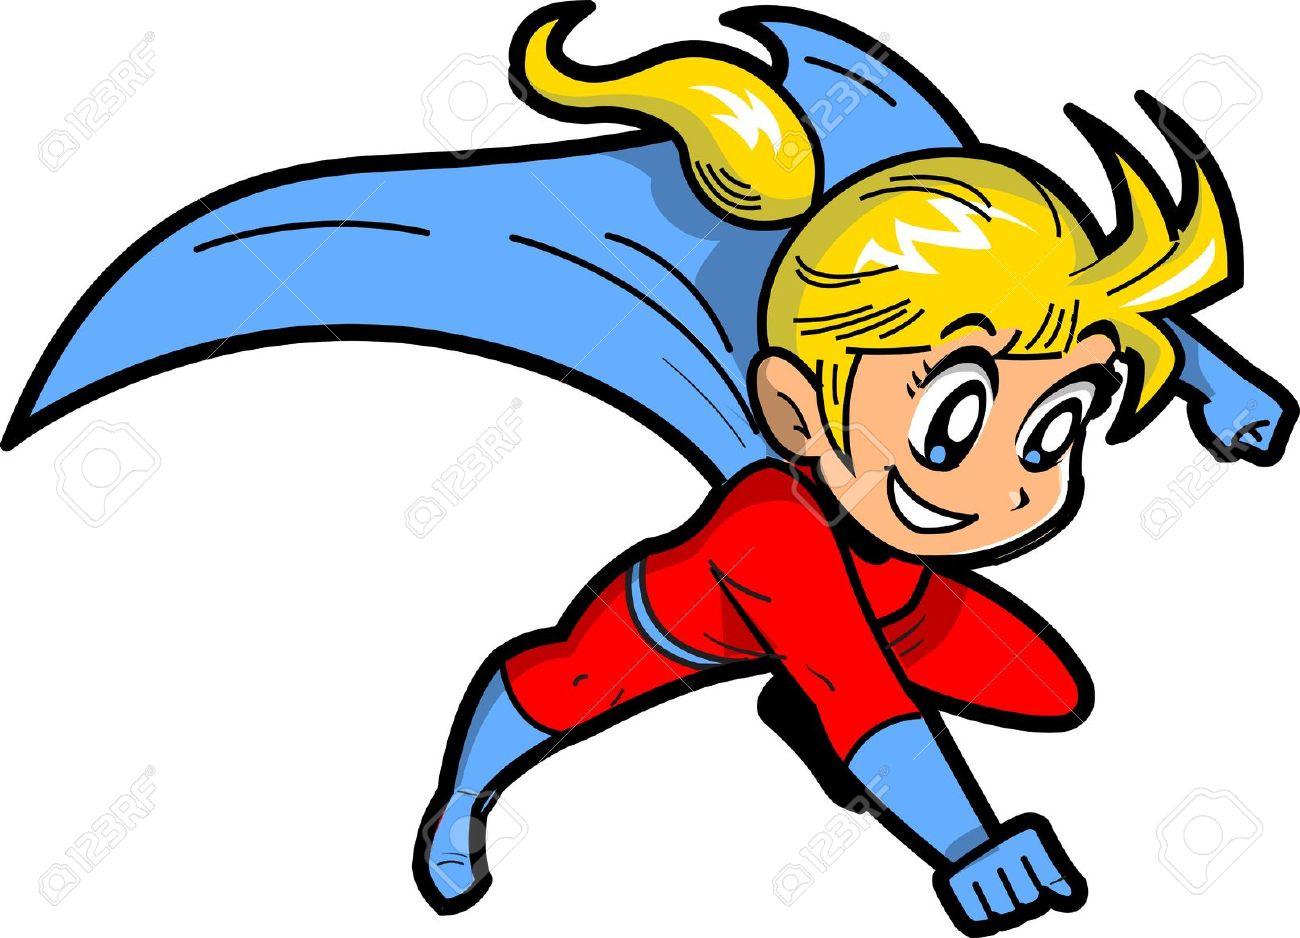 1300x938 Super Girl Clipart Flying Superhero